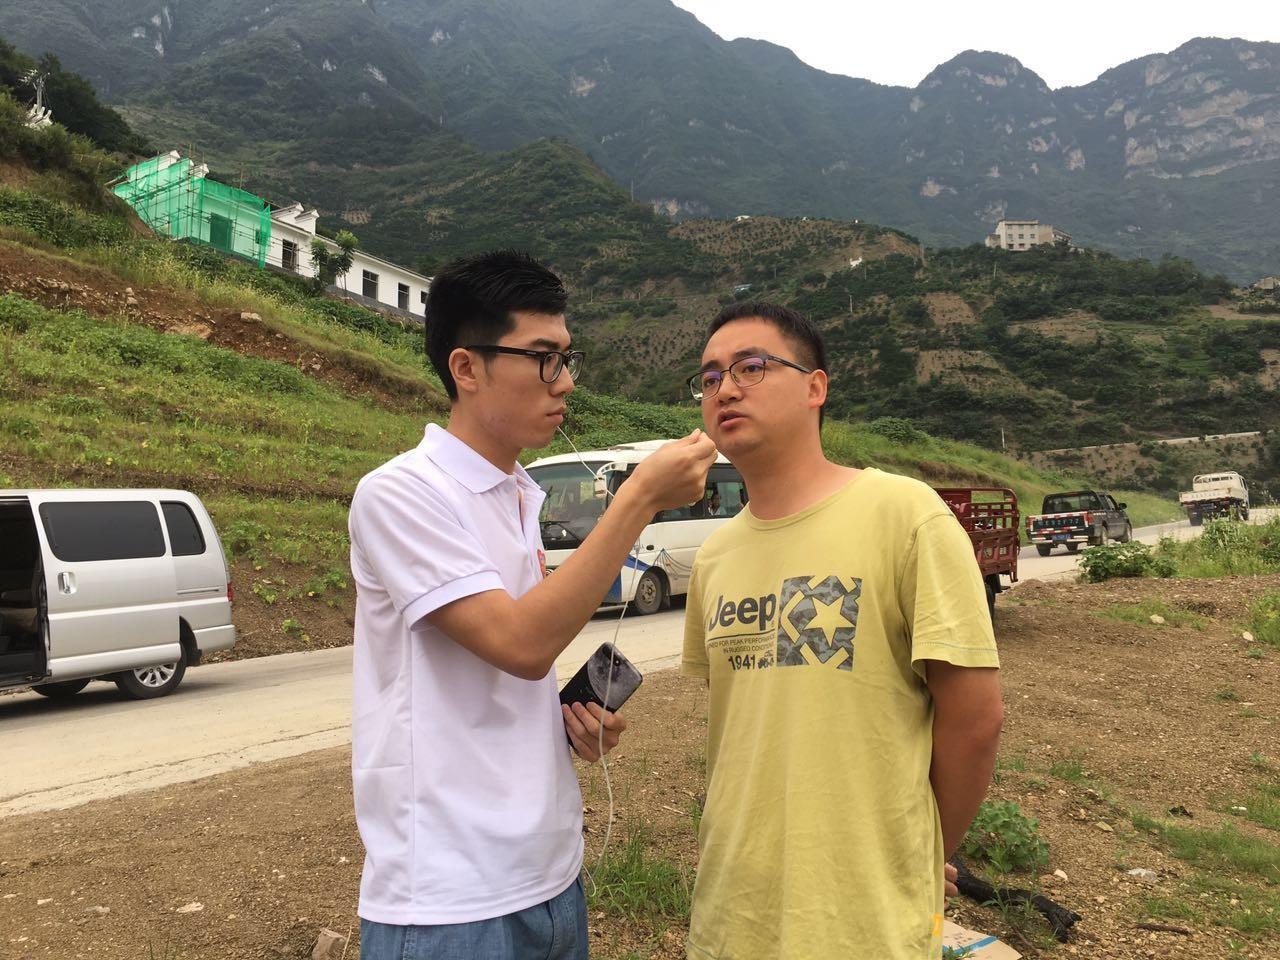 谭林芳:生活以痛吻我,我要报之以歌图片